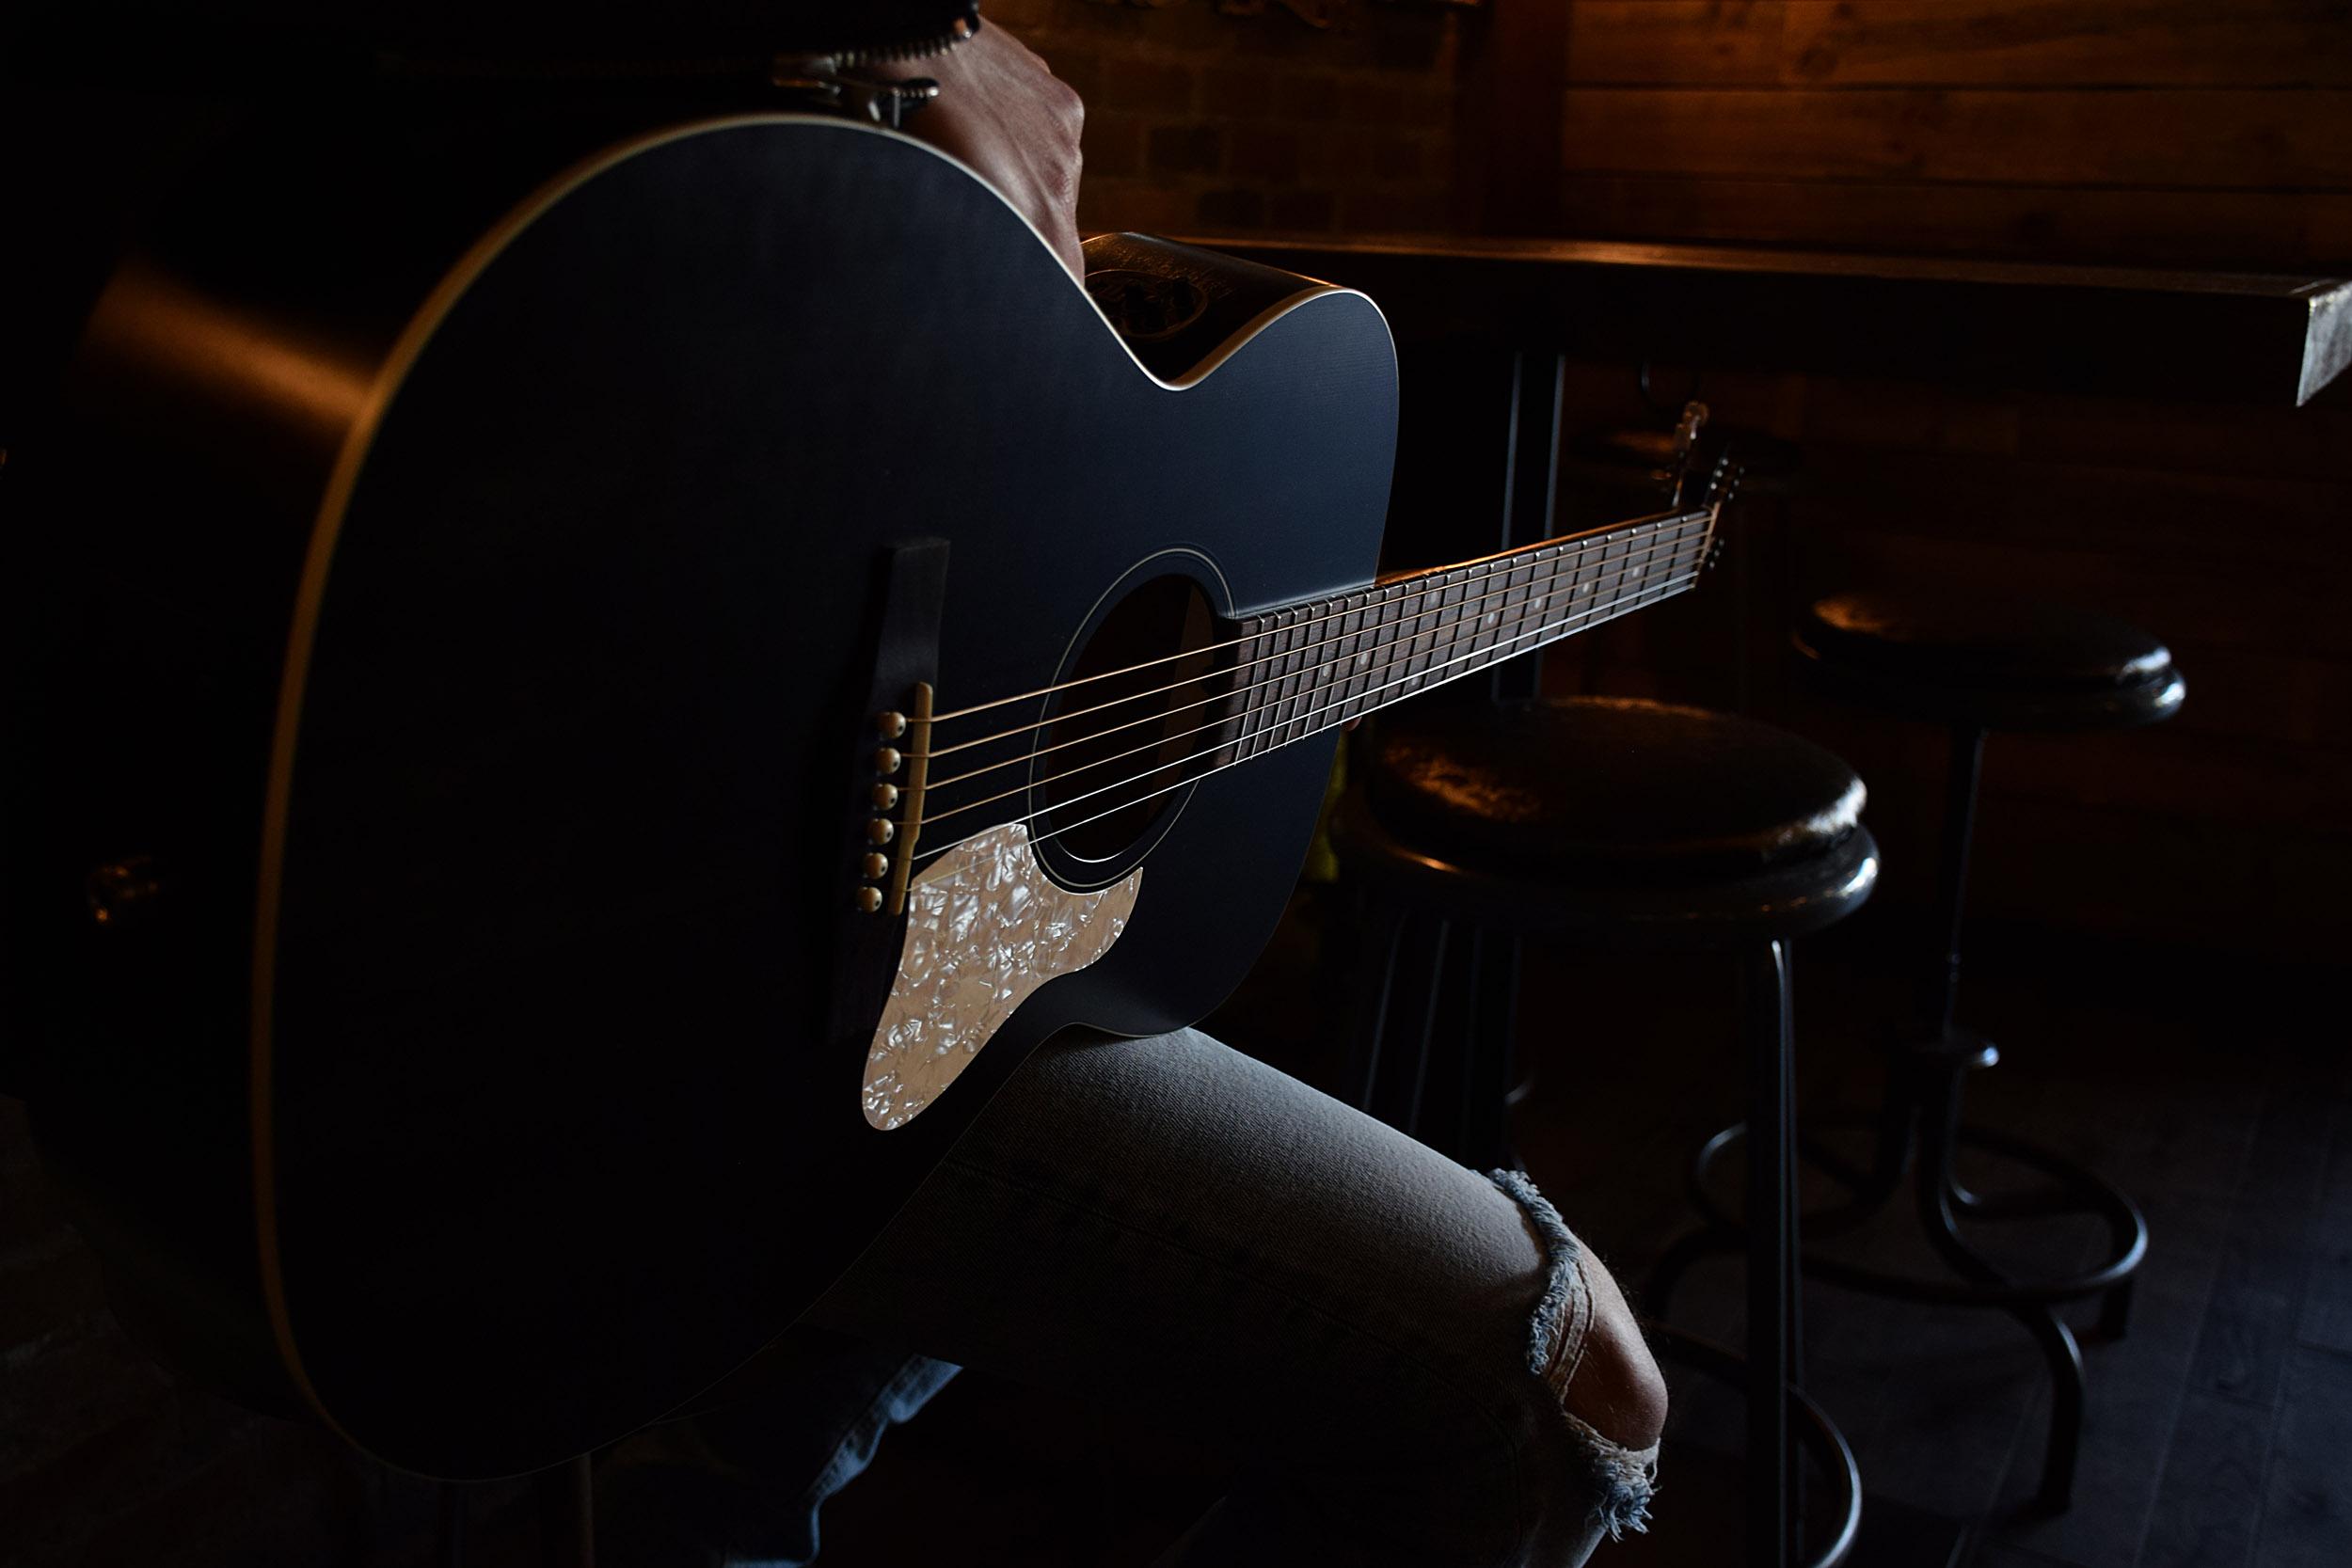 Художественные фотографии гитар